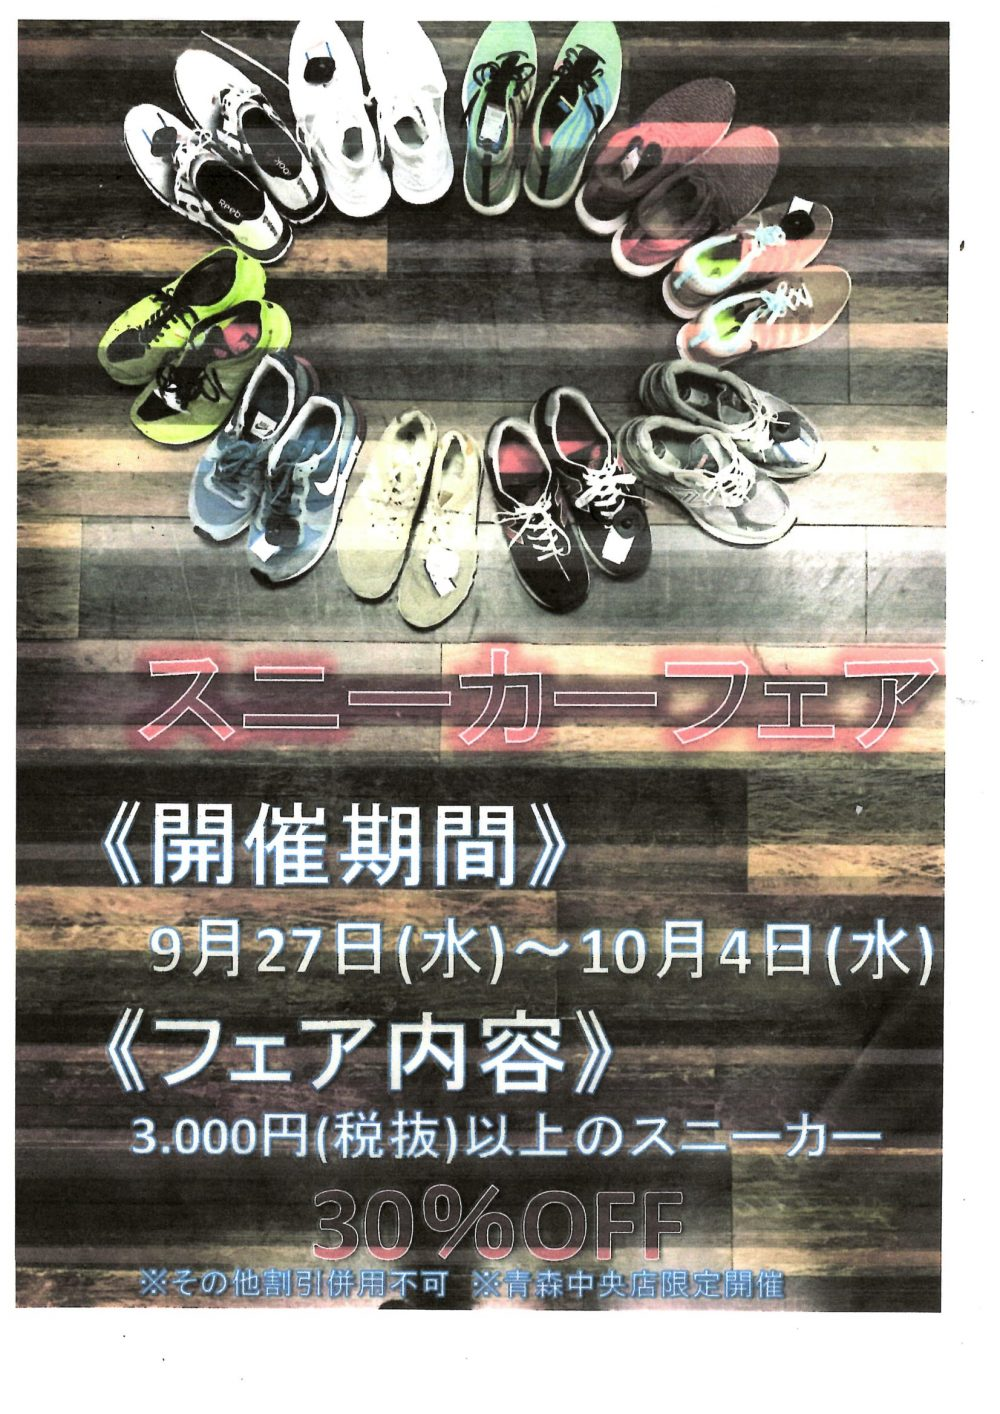 EPSON013-1